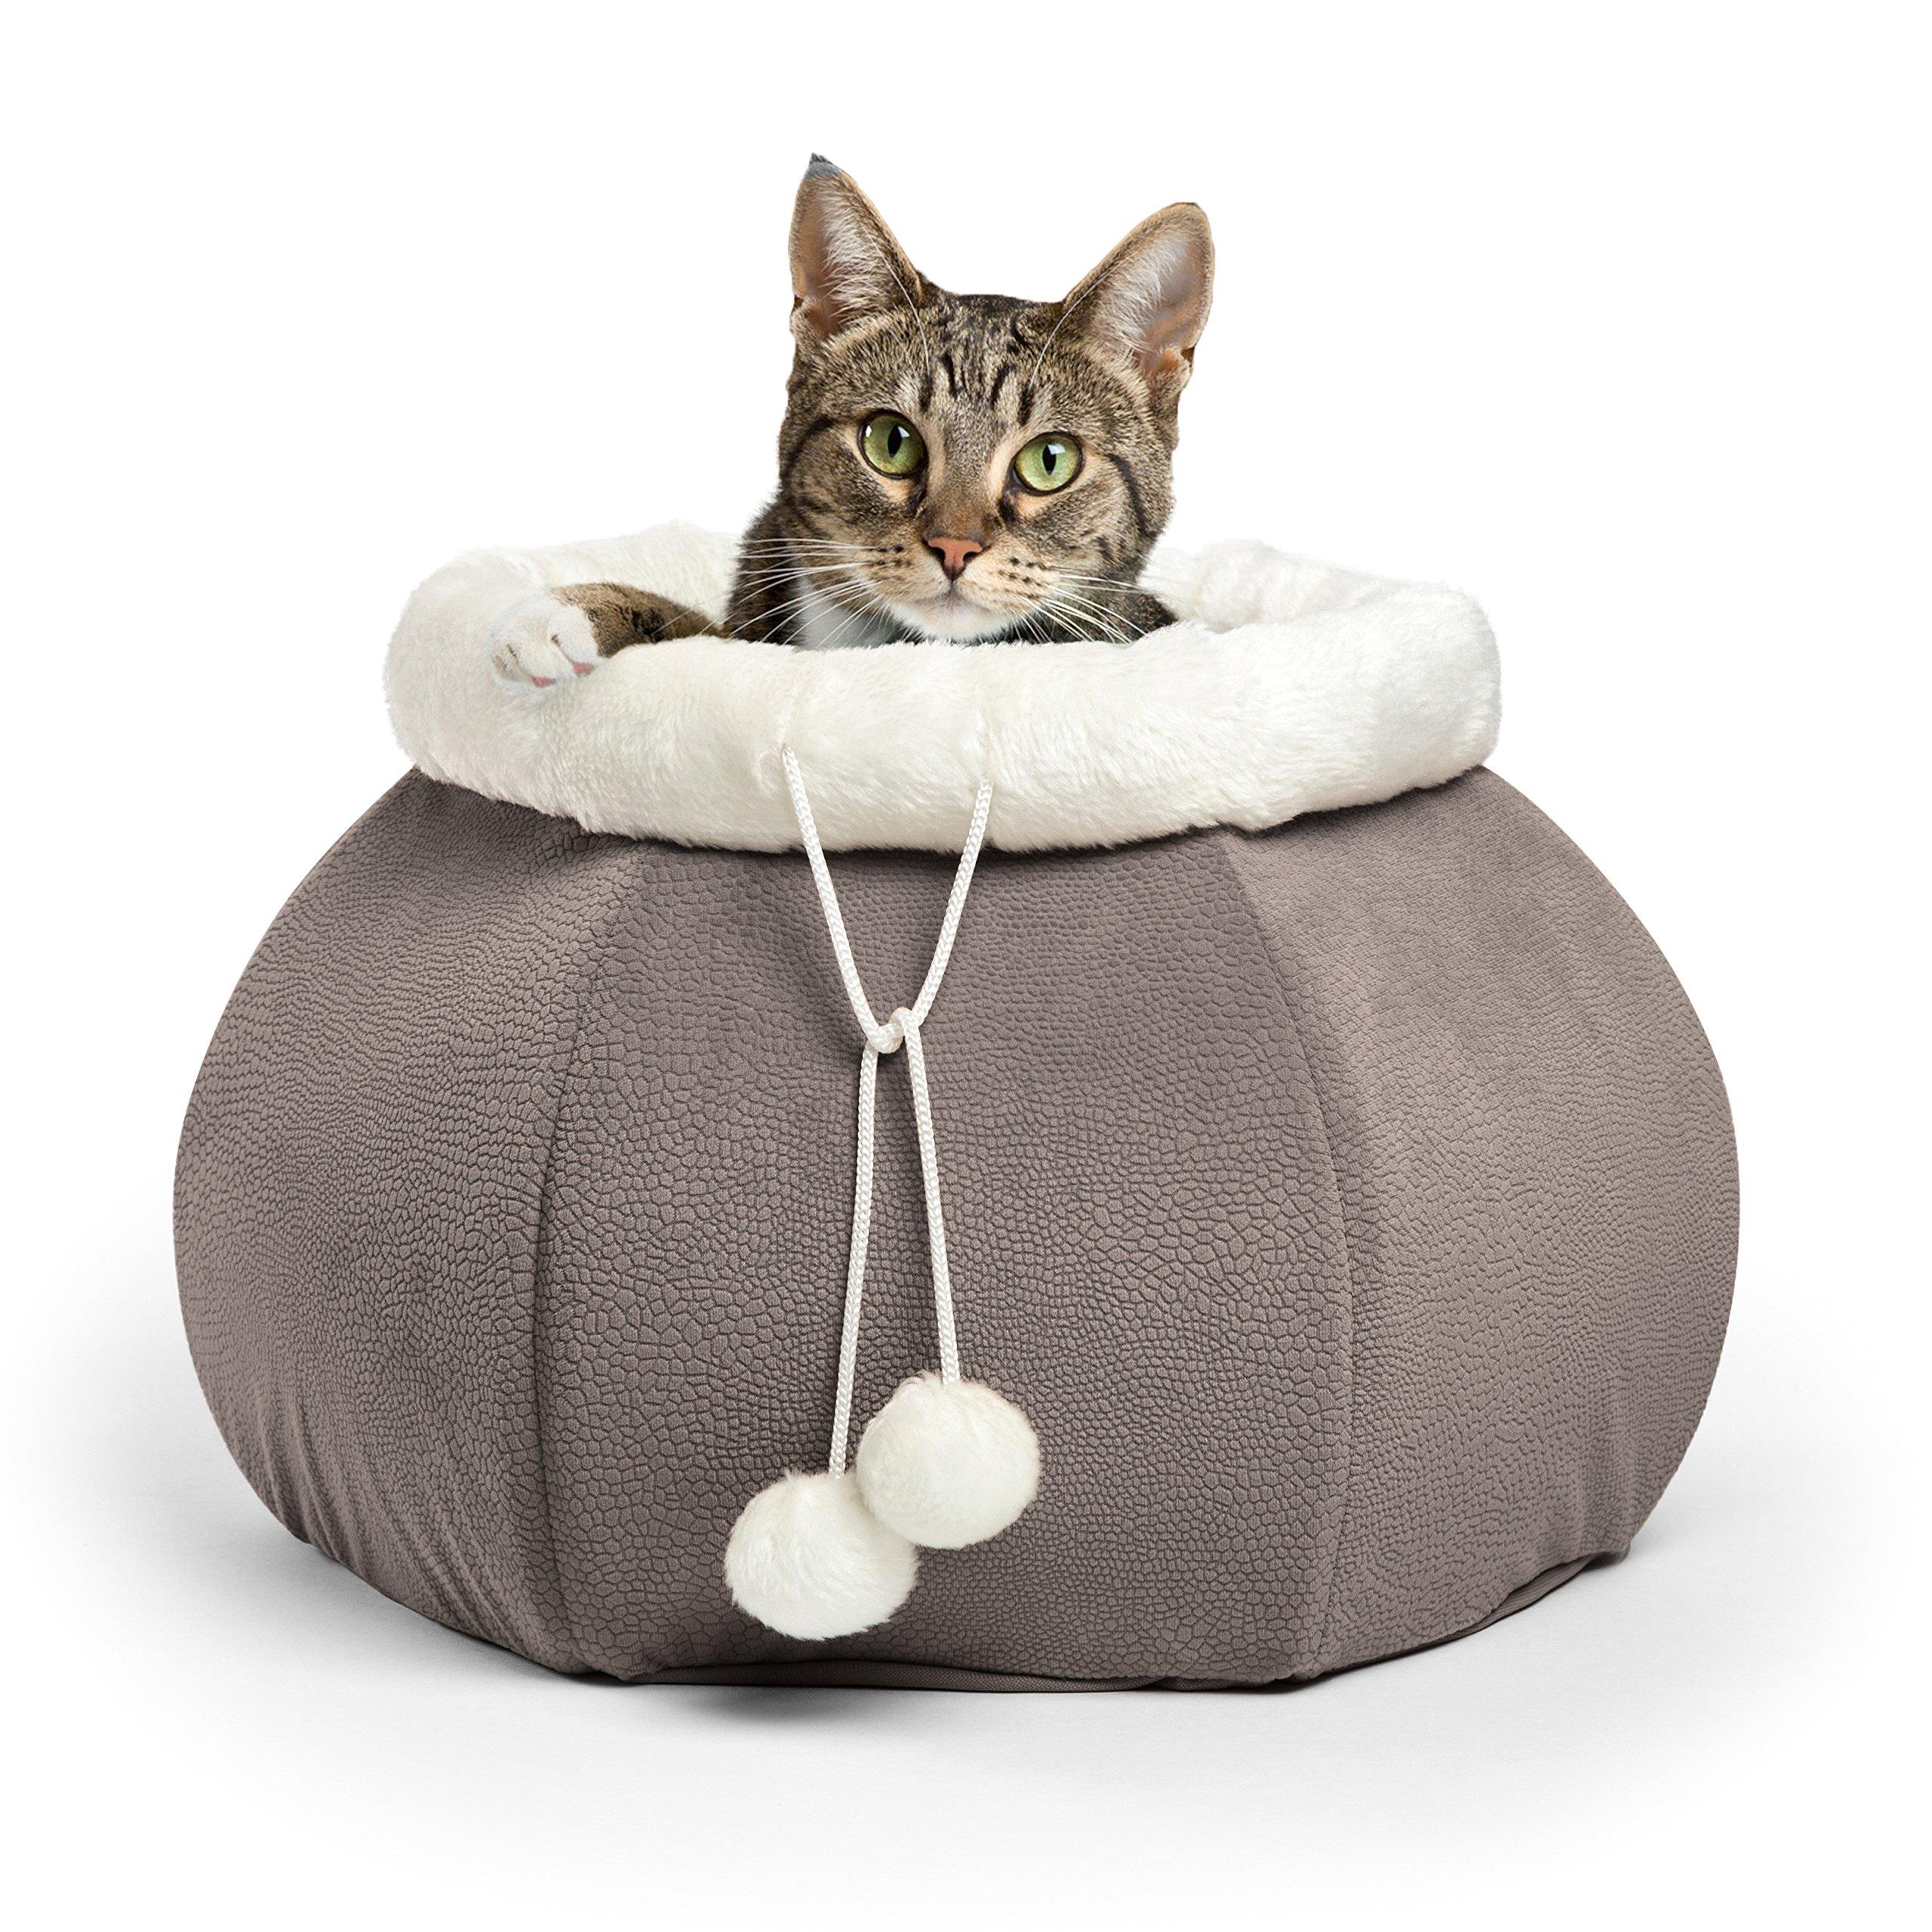 Best Friends by Sheri 4-in-1 Kitty Pouch-Cuddler in Ilan, Grey, 14''x14''x10''